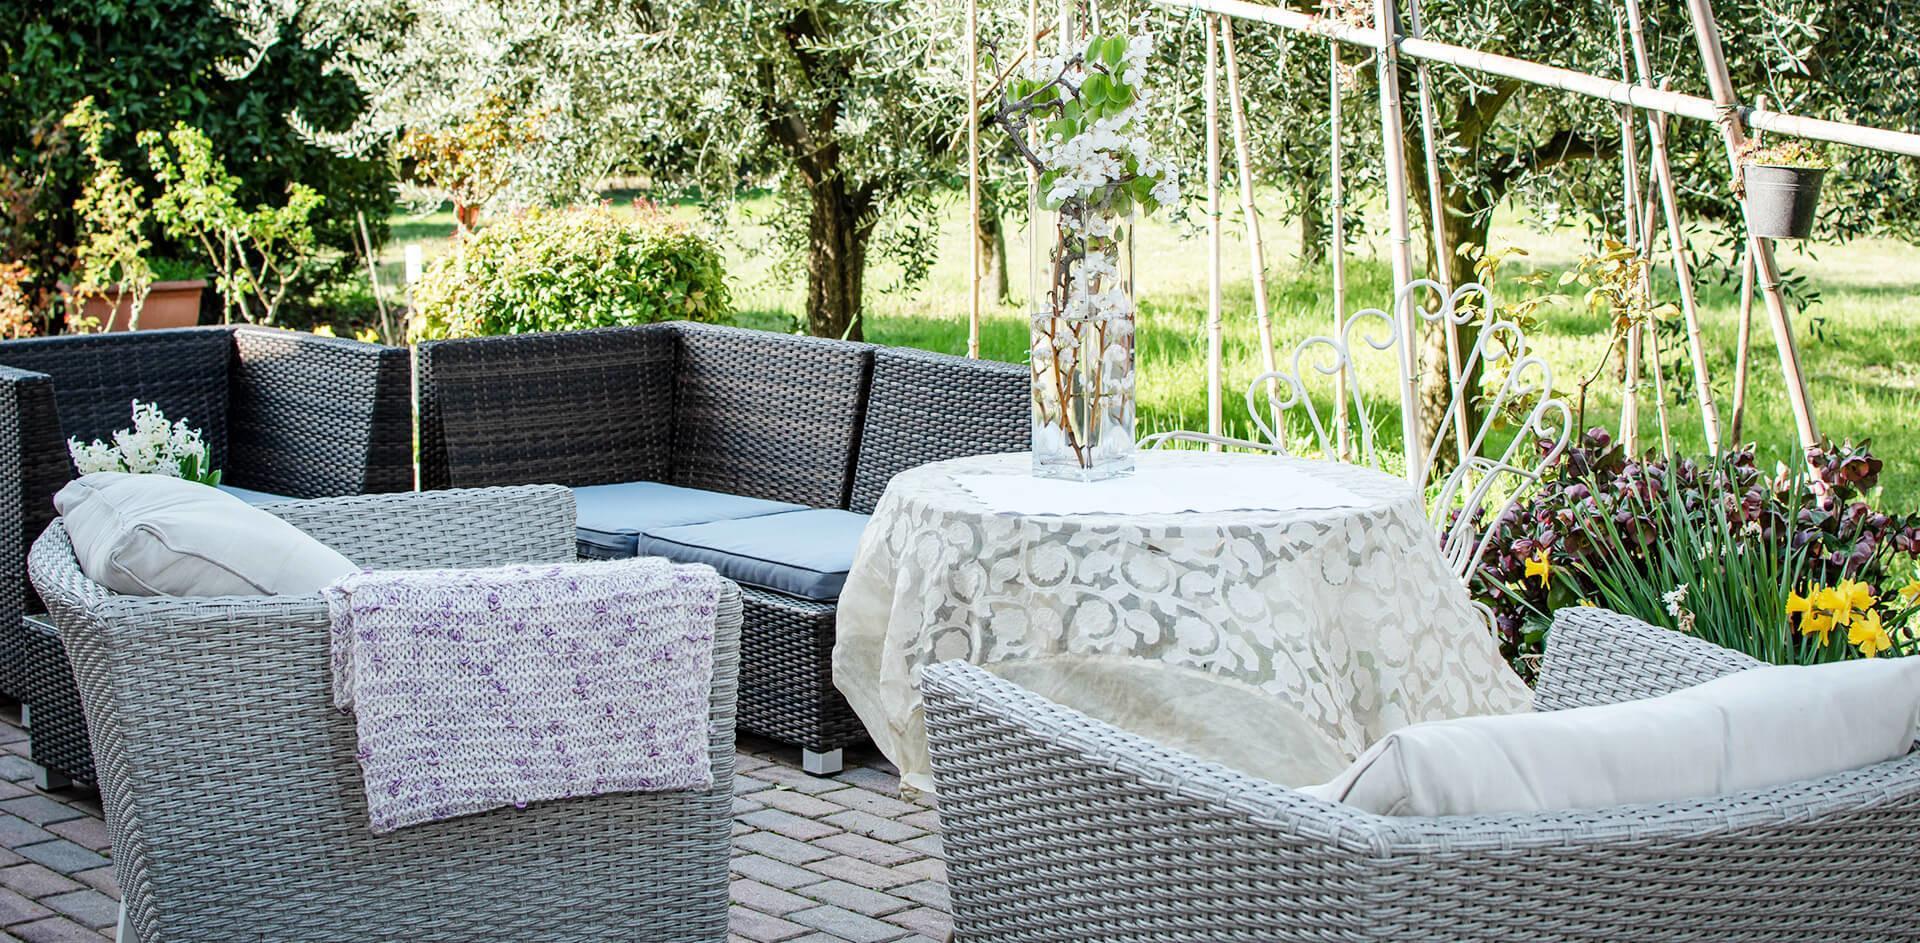 Se cerchi dove dormire a Bussolengo, Residenza Girelli Sorelle, è la soluzione adatta a te. Visita il nostro sito per scoprire di più.